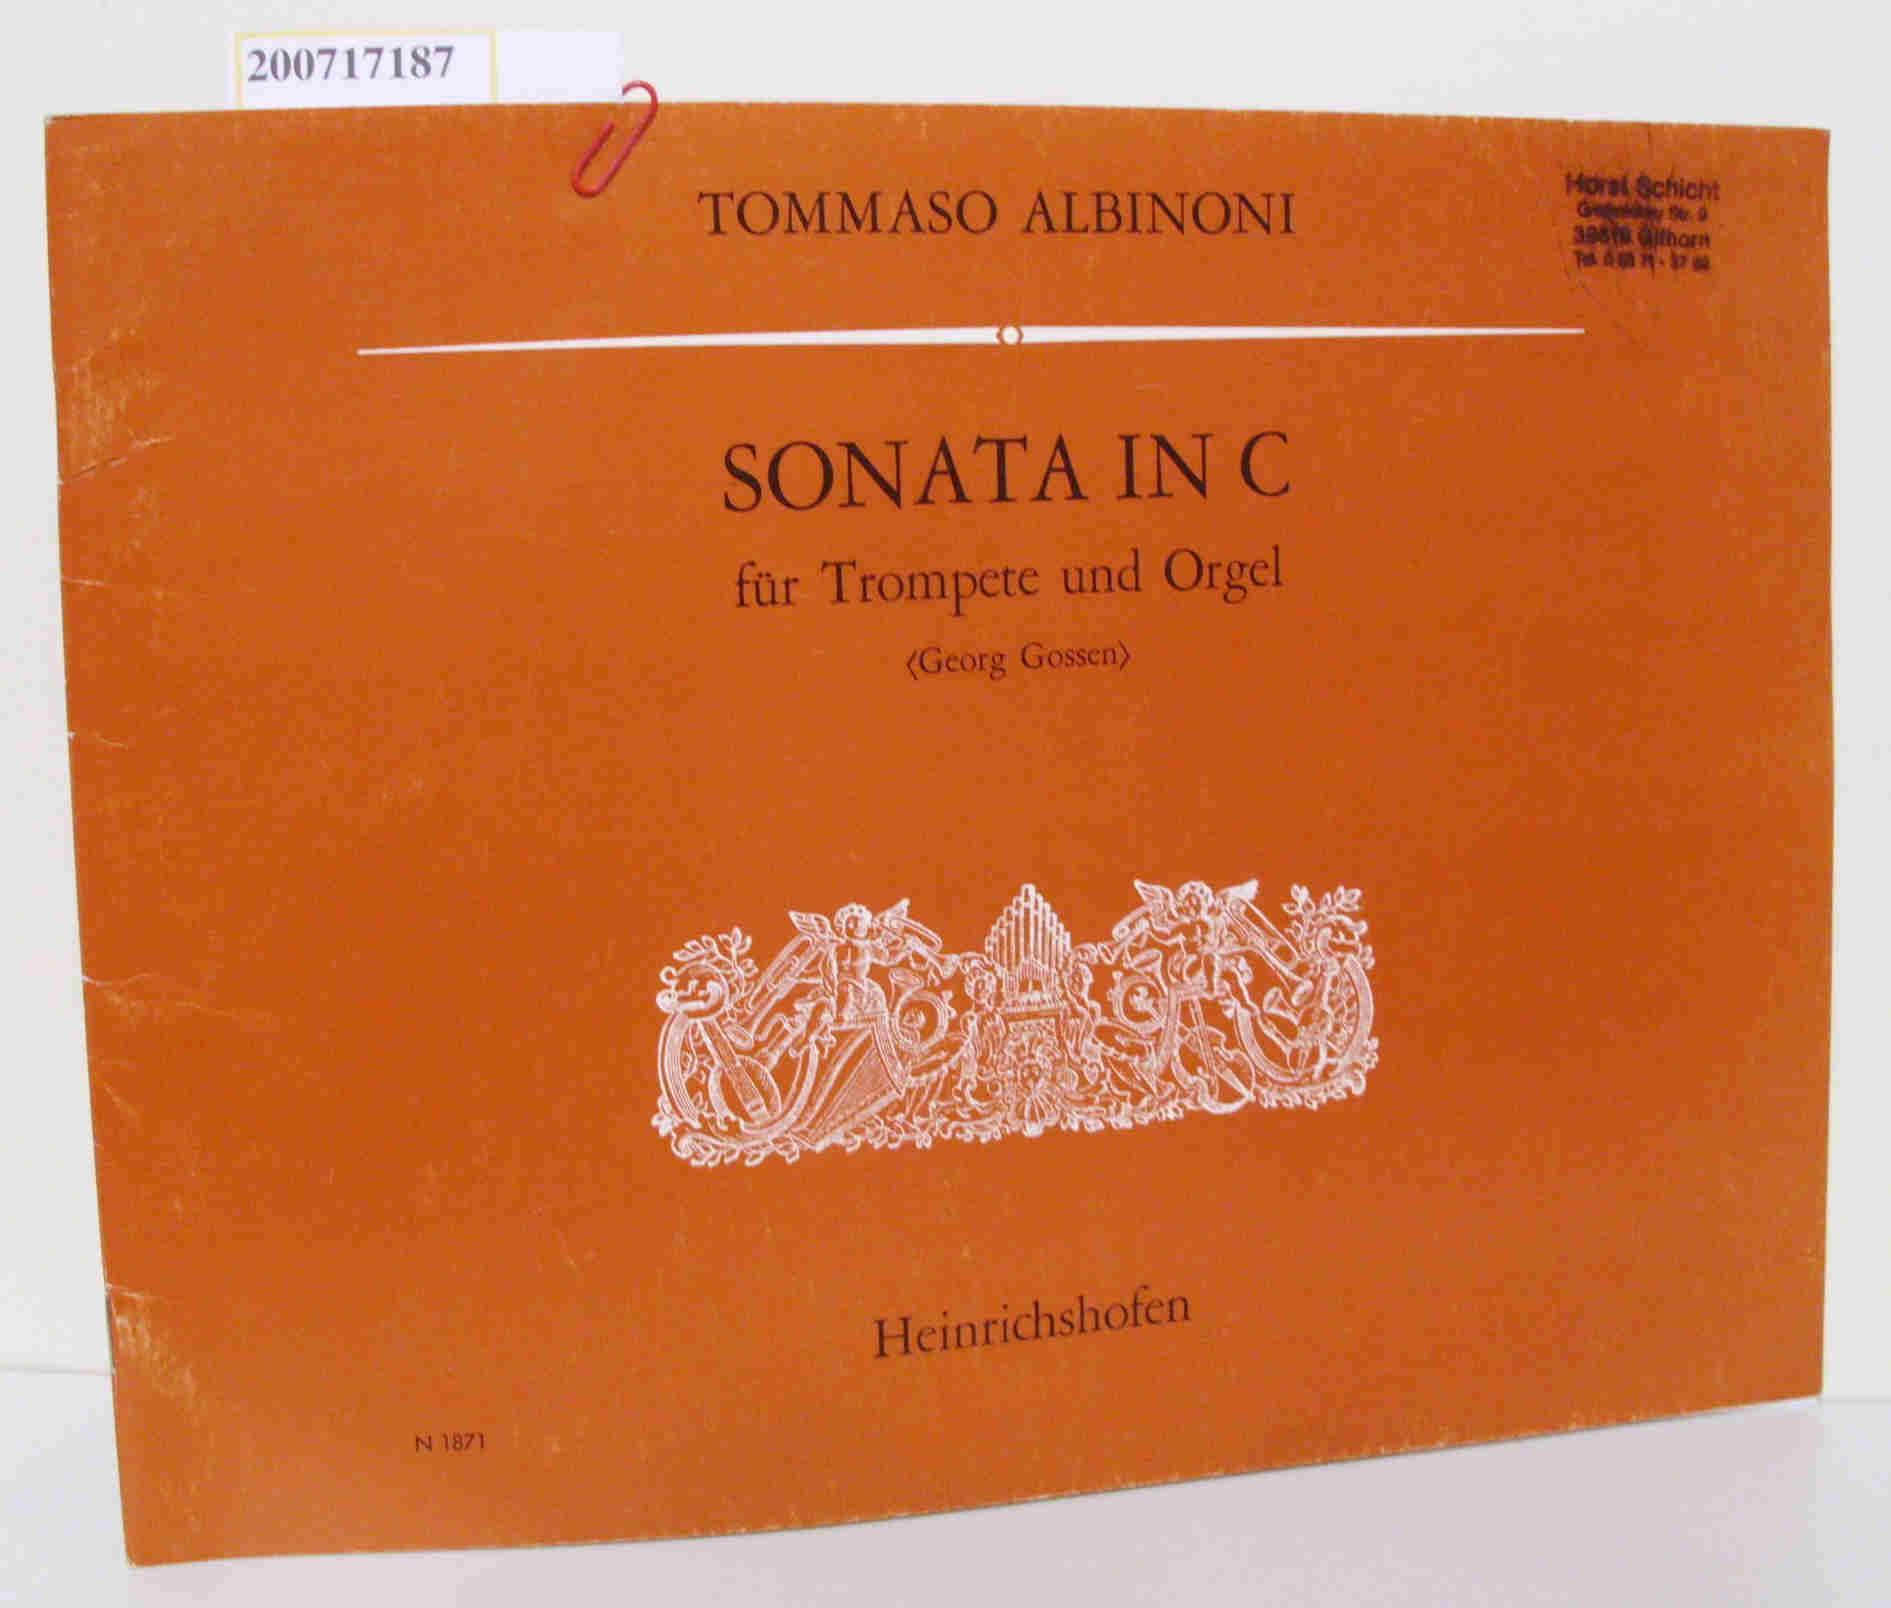 Sonata in C für Trompete und Orgel